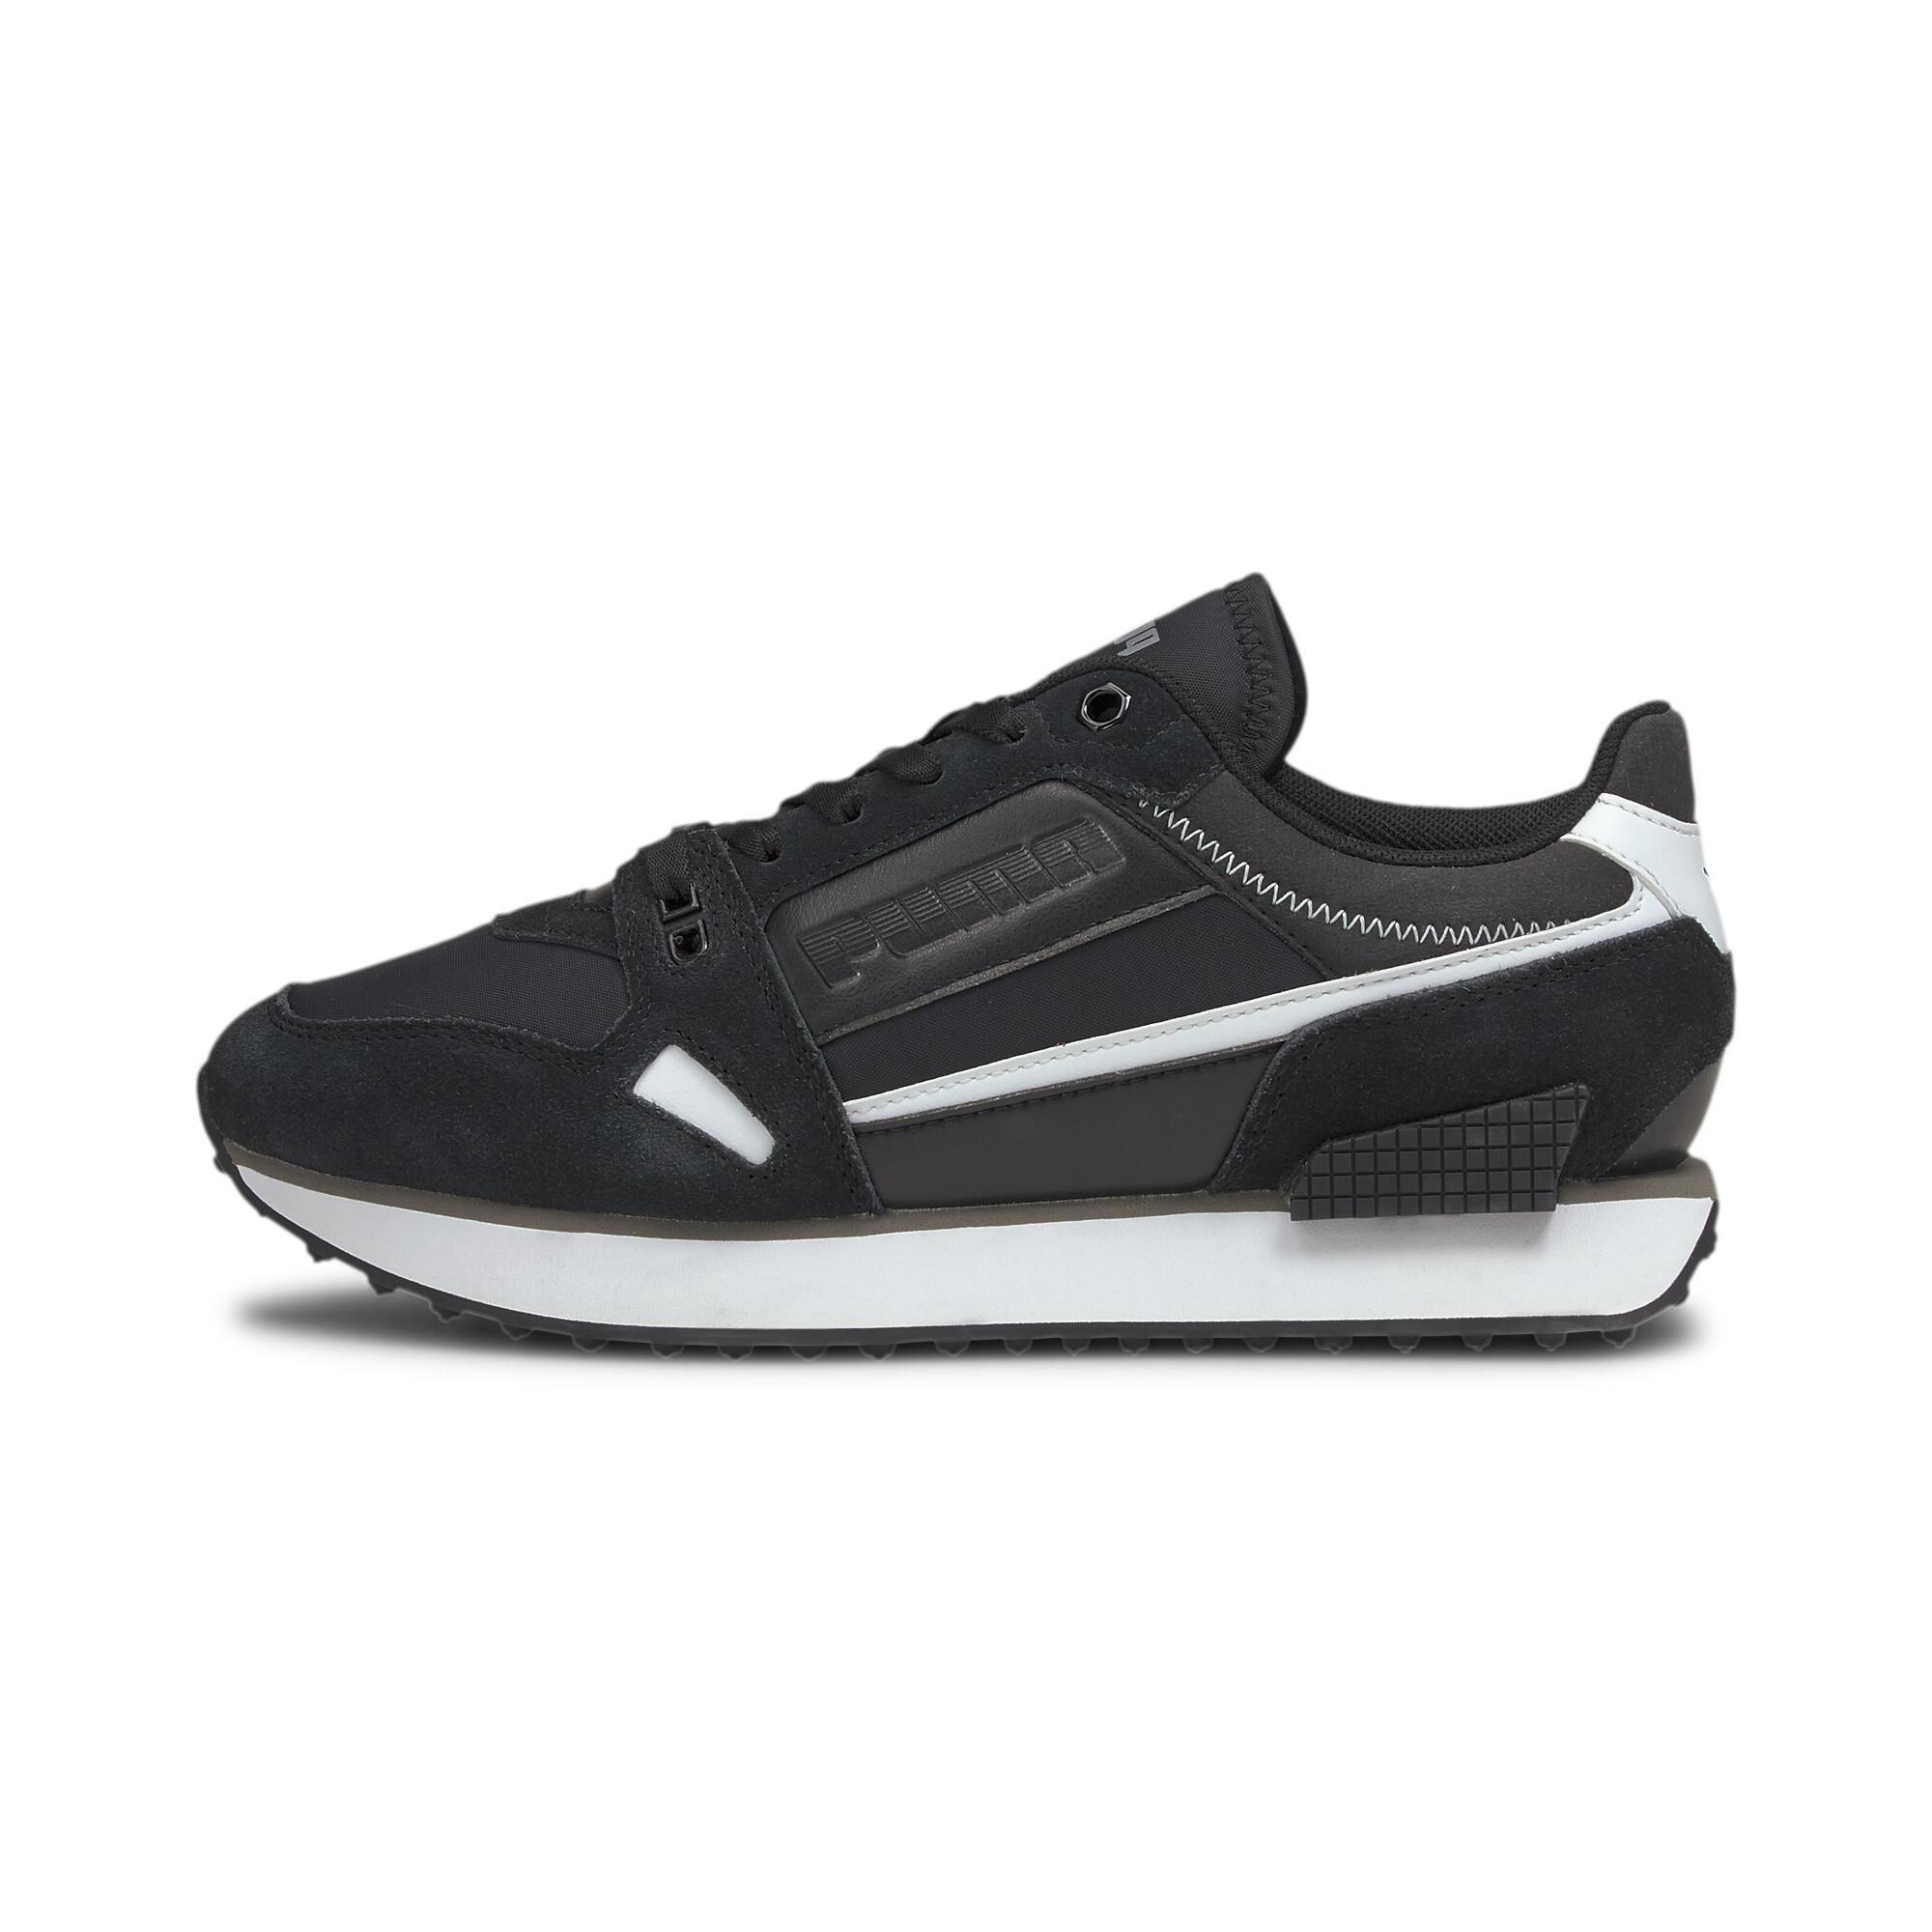 Indexbild 16 - PUMA-Mile-Rider-Chrome-Desert-Damen-Sneaker-Frauen-Schuhe-Neu